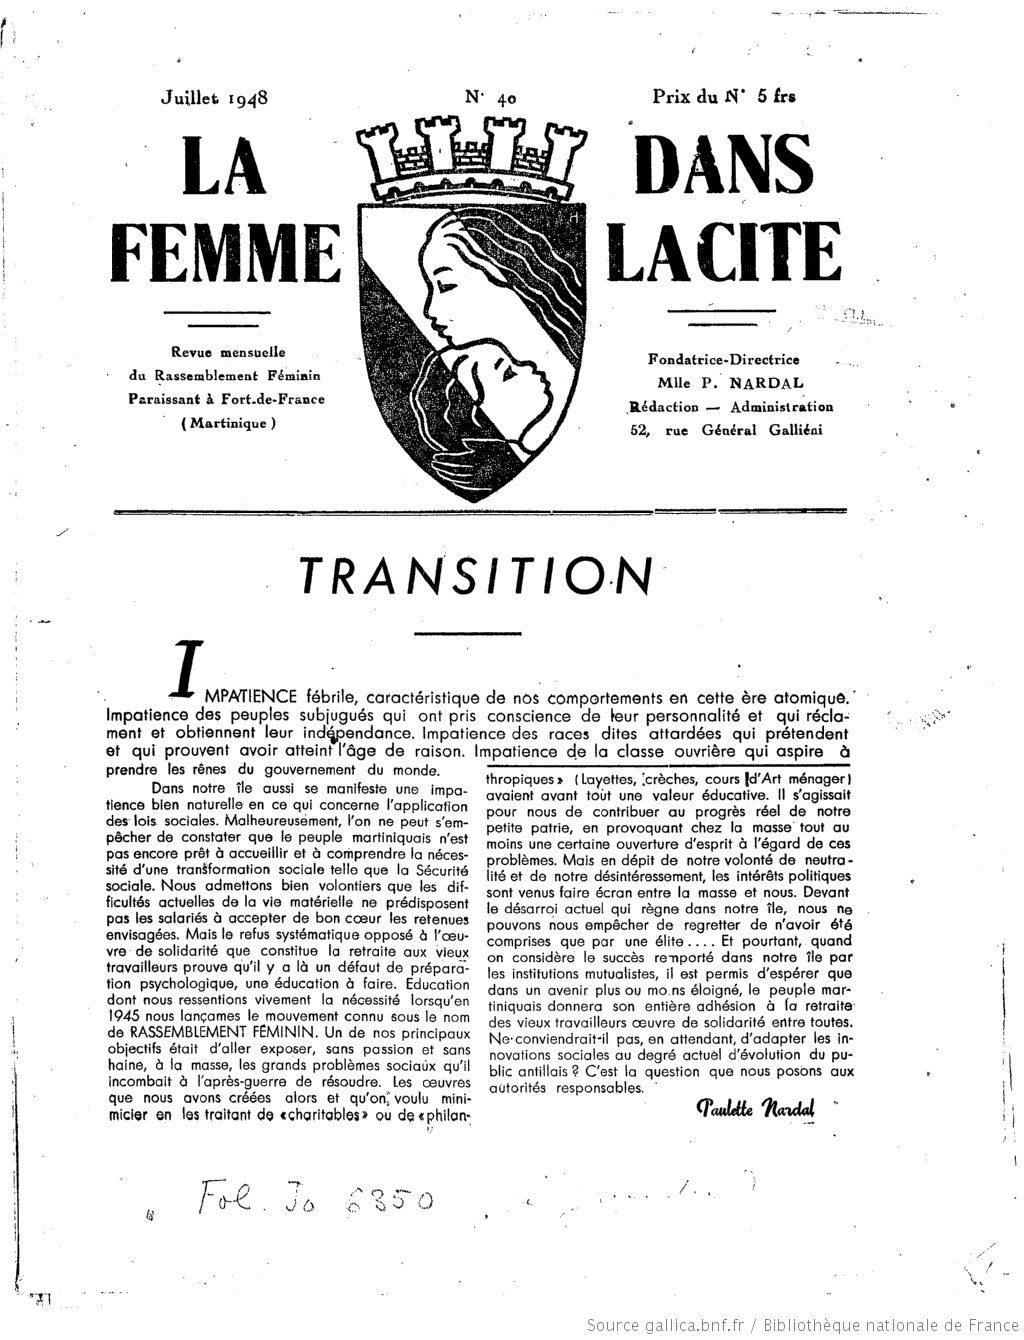 La_Femme_dans_la_cité_[...]Rassemblement_féminin_bpt6k54742729